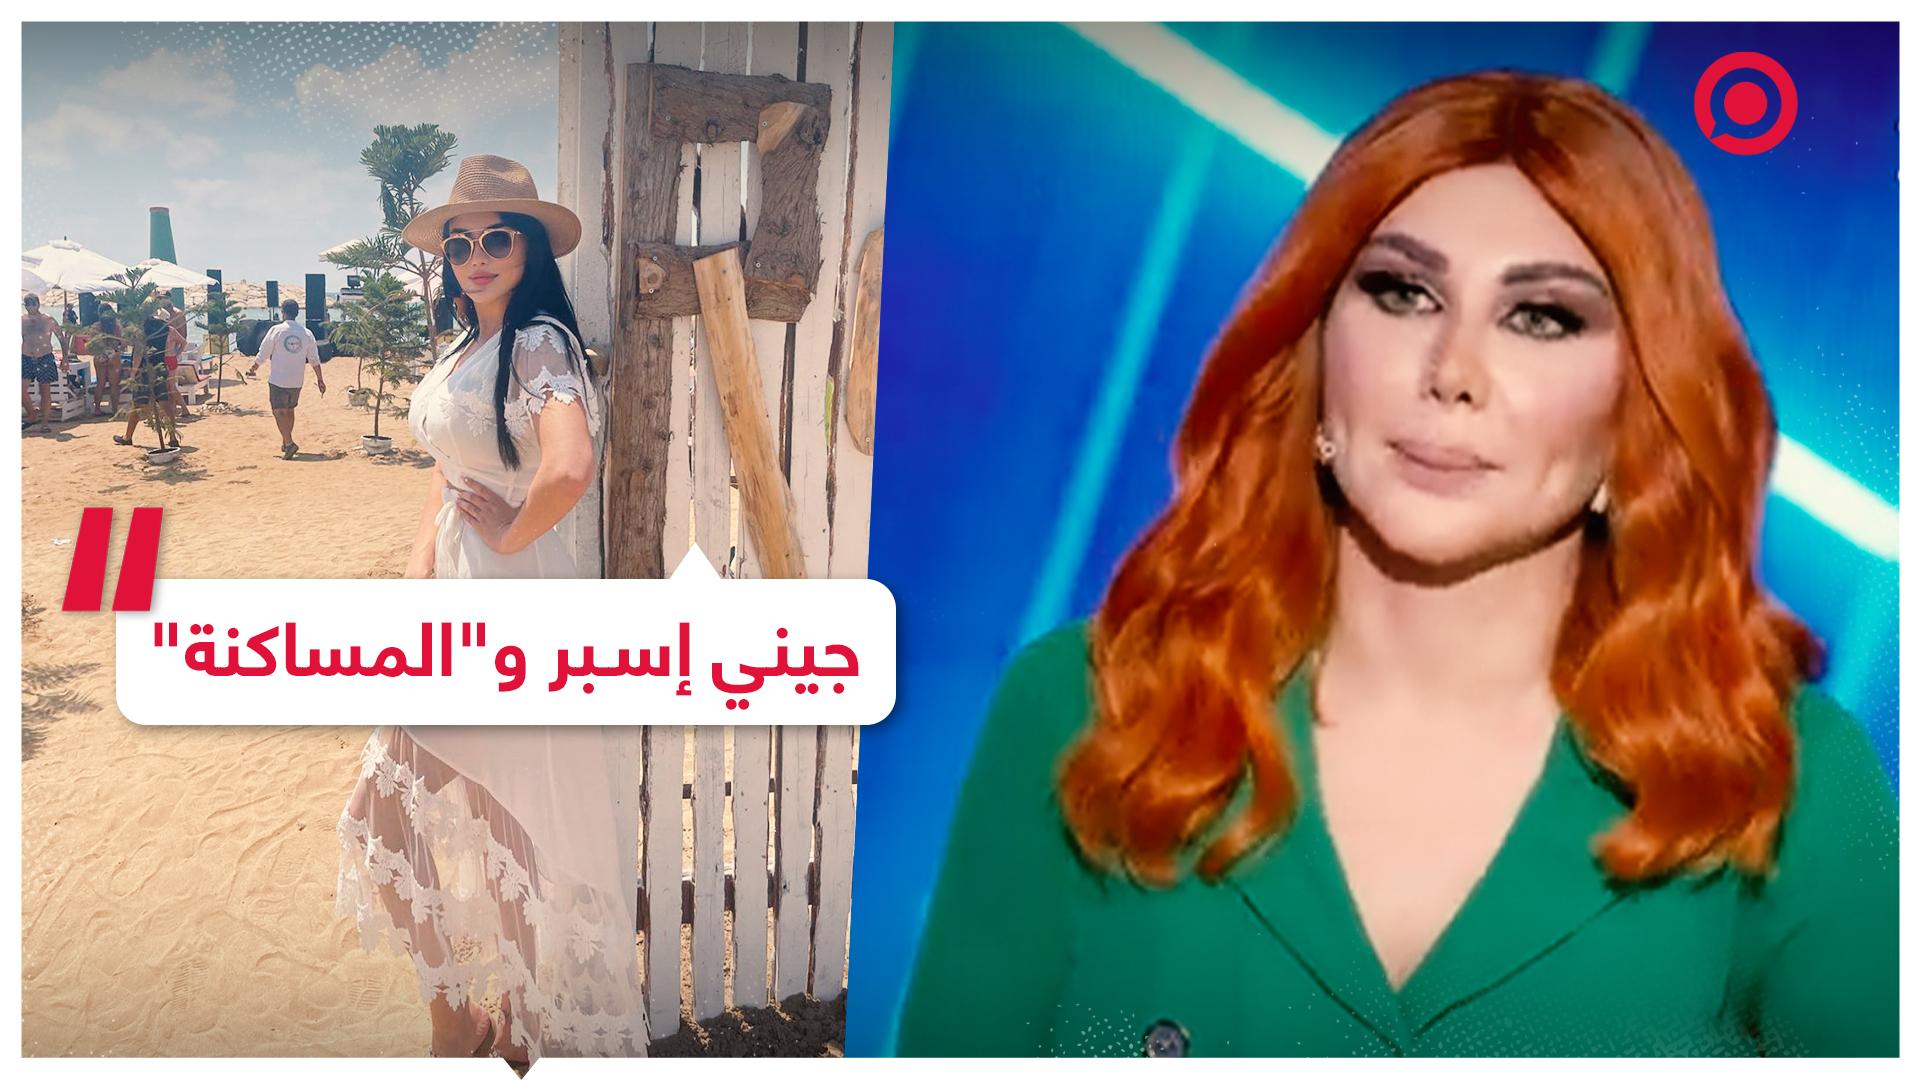 تصريحات مثيرة للجدل للممثلة السورية جيني إسبر